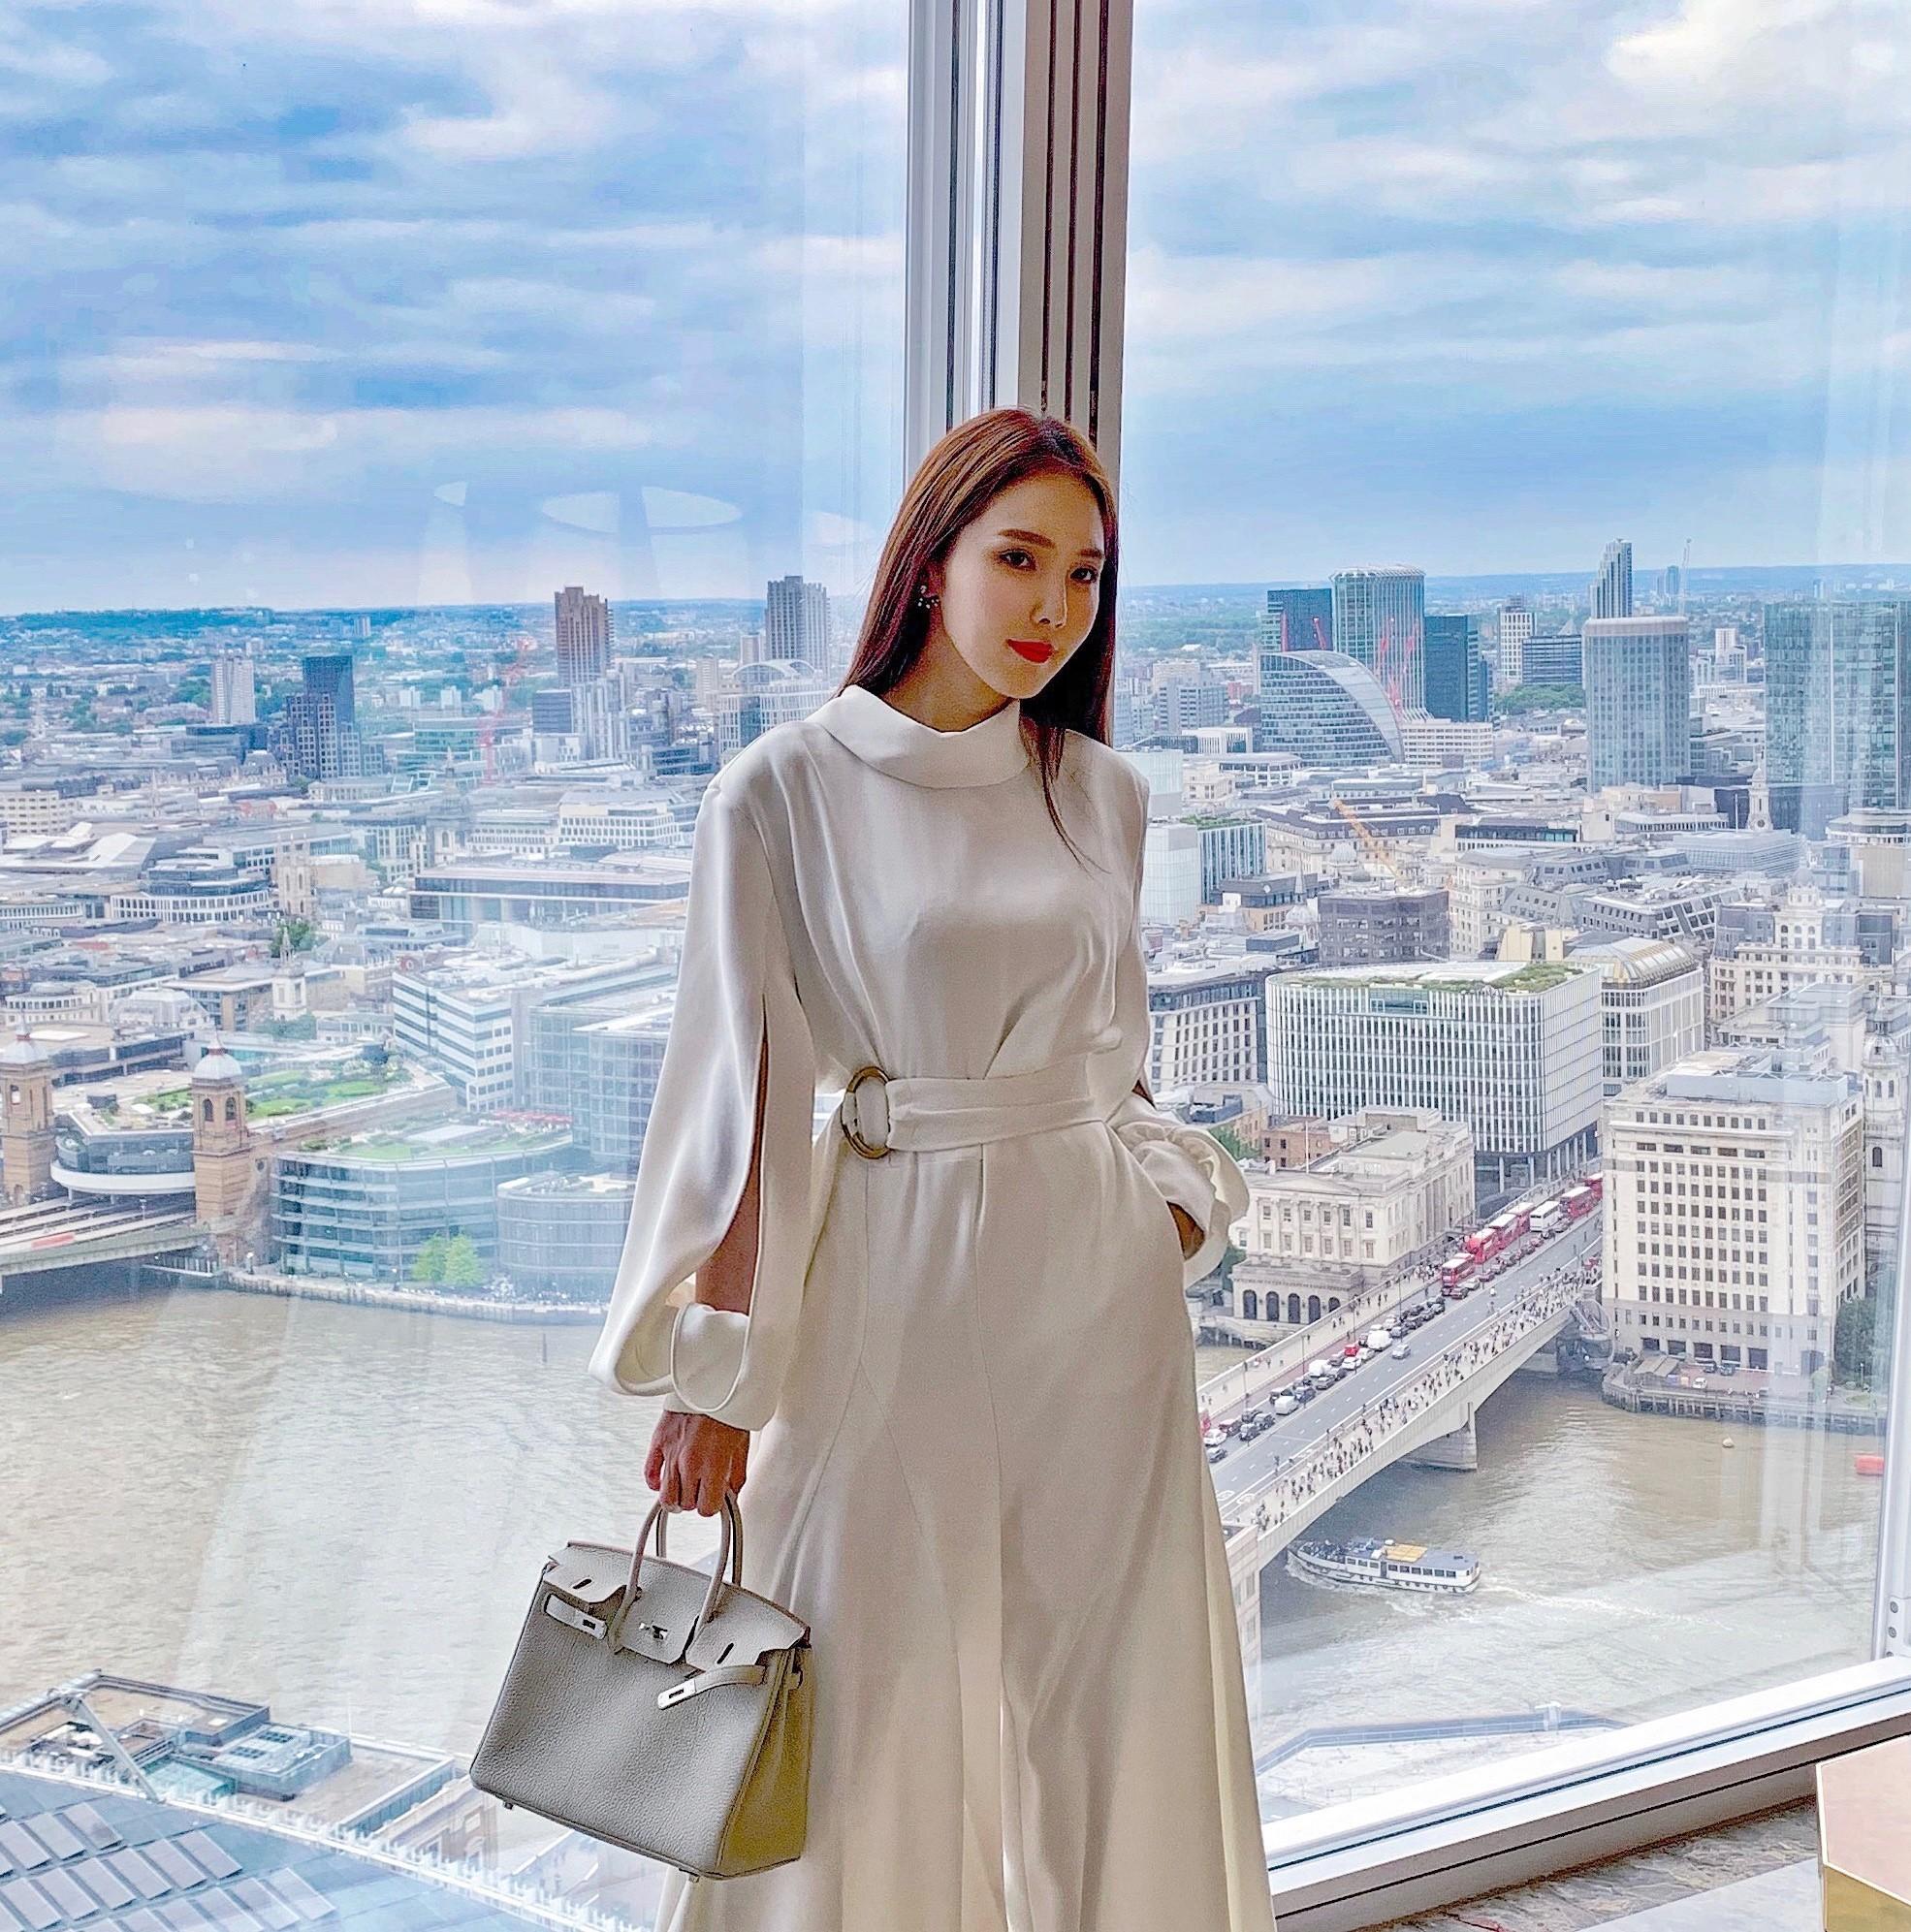 ▲朱琦郁相當推薦香格里拉酒店,能夠一邊泡澡、一邊欣賞倫敦街景。